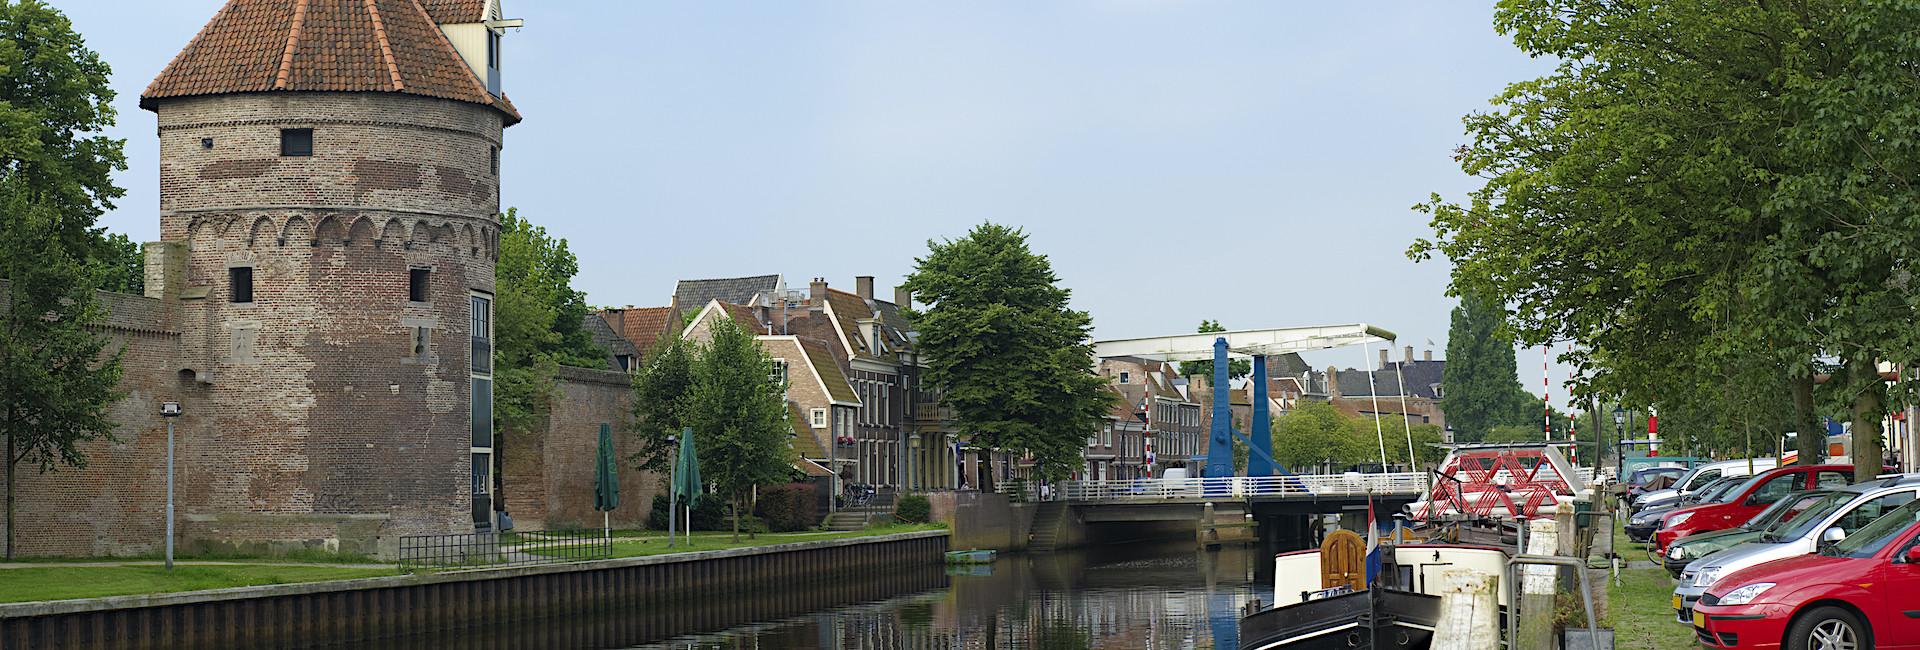 Zomer Makelaar Zwolle